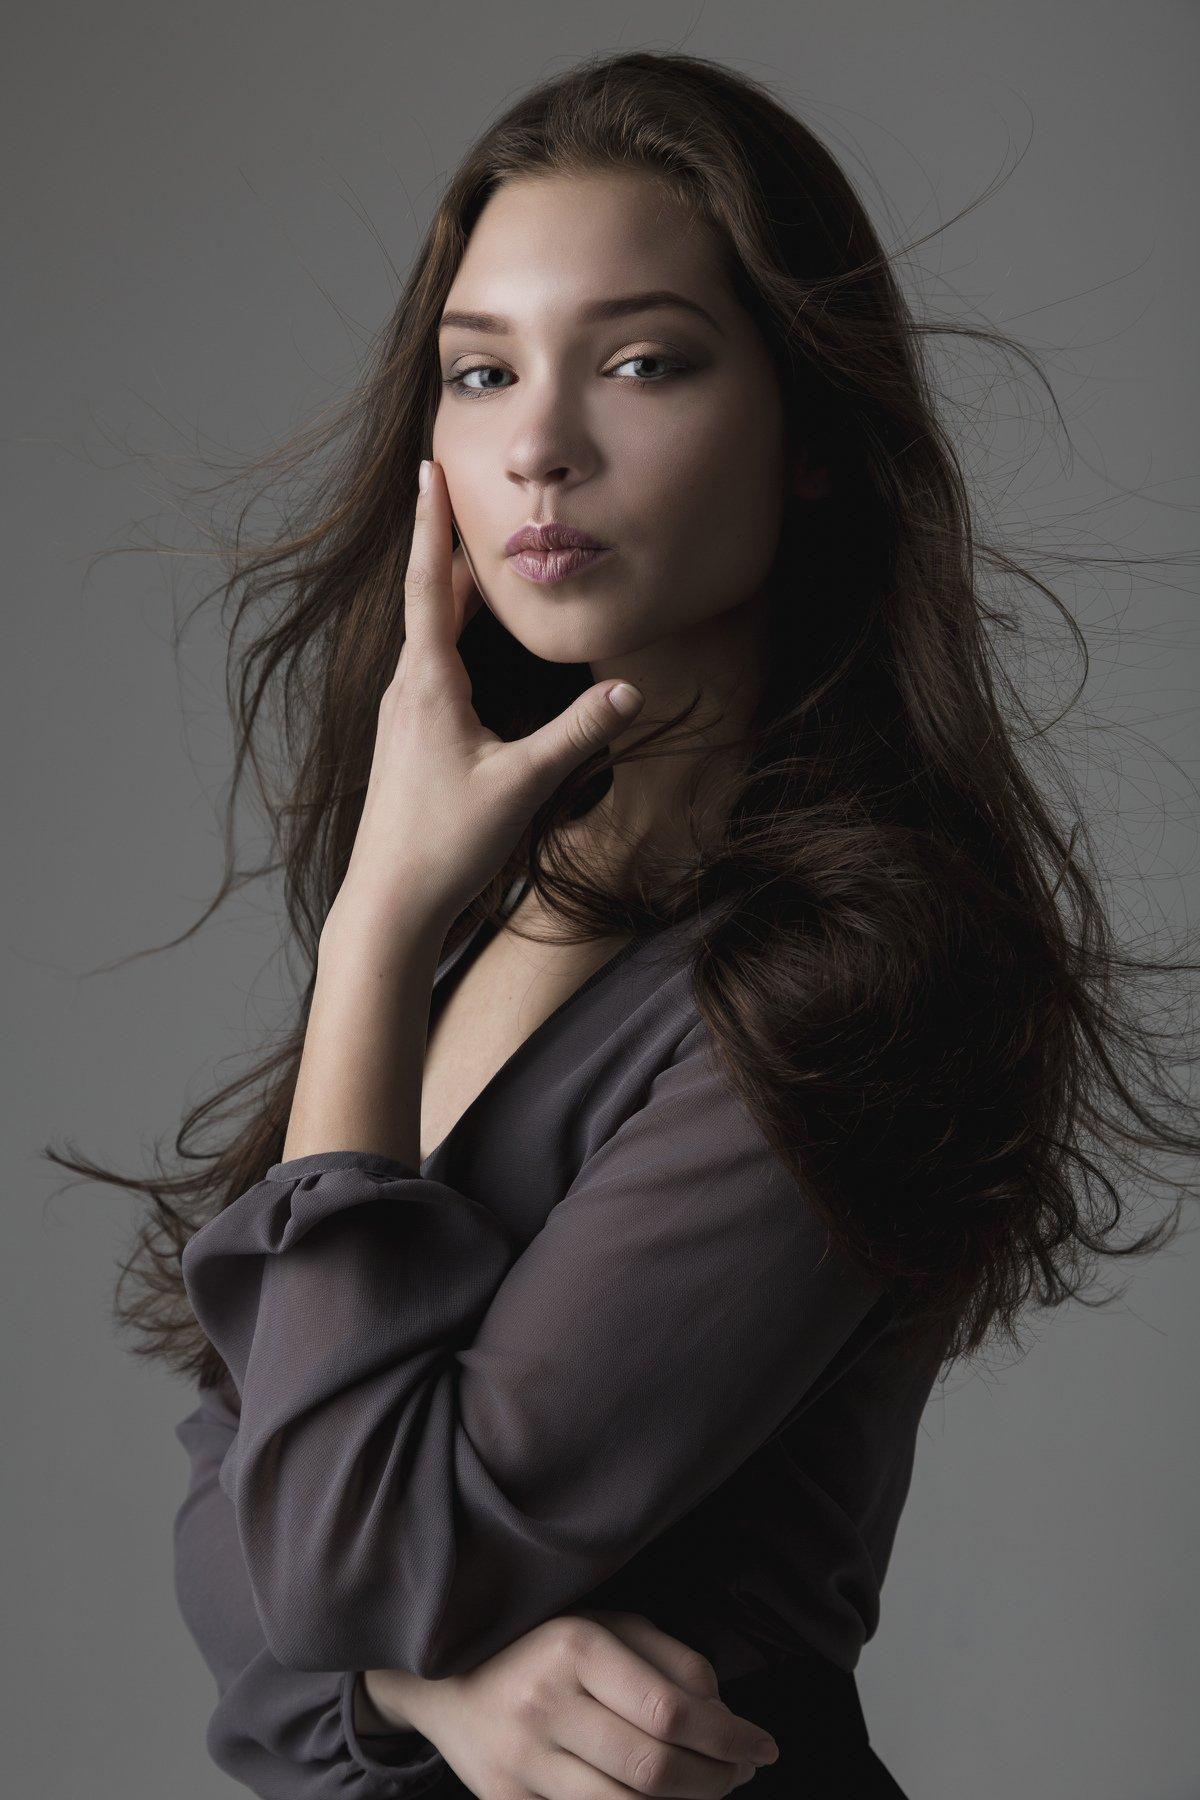 москва, модель, тесты, модельные тесты, молодость, красота, девушка, эмоции, Алексей Польский